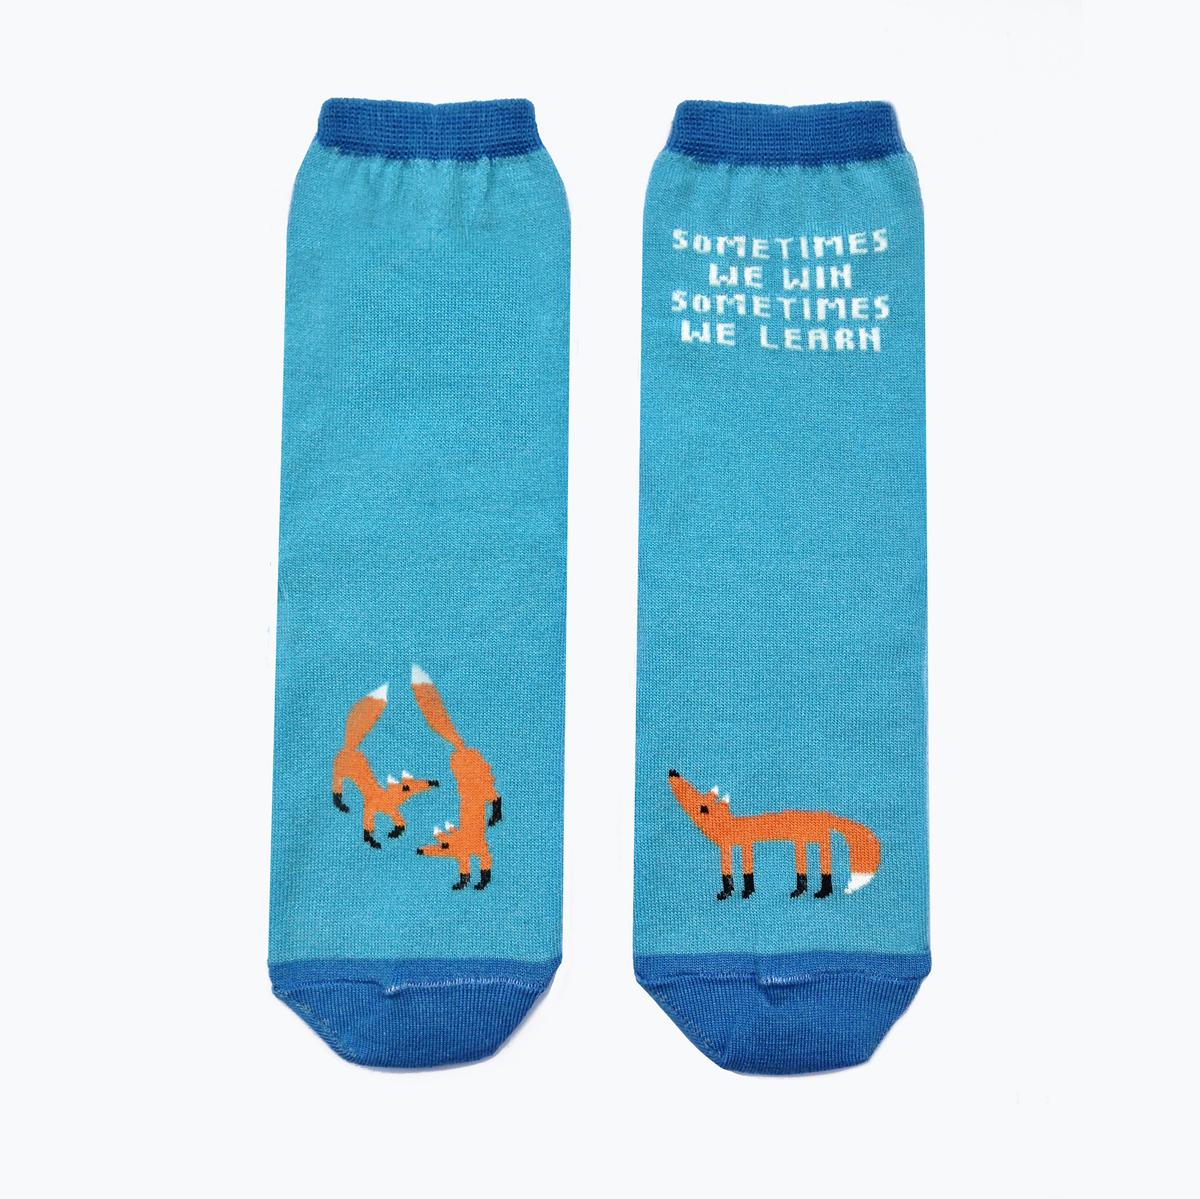 Носкиca1121Яркие женские носки Big Bang Socks изготовлены из высококачественного хлопка с добавлением полиамидных и эластановых волокон, которые обеспечивают великолепную посадку. Носки отличаются ярким стильным дизайном, они оформлены изображением лисичек и надписью: Sometimes we win sometimes we learn. Удобная резинка идеально облегает ногу и не пережимает сосуды, усиленные пятка и мысок повышают износоустойчивость носка, а удлиненный паголенок придает более эстетичный вид. Дизайнерские носки Big Bang Socks - яркая деталь в вашем образе и оригинальный подарок для друзей и близких.